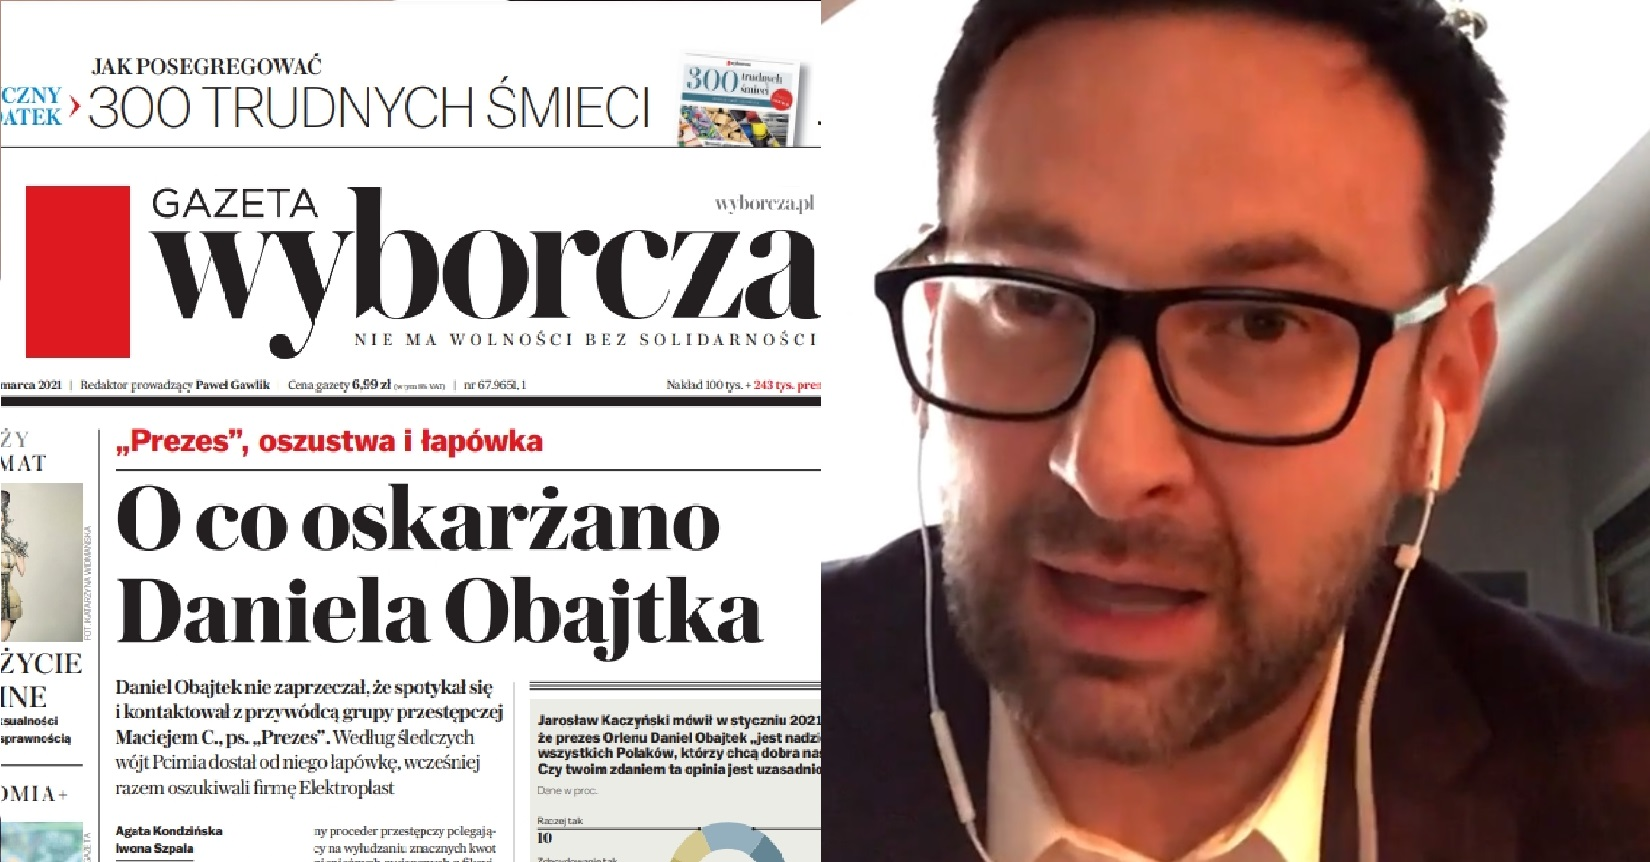 Gazeta Wyborcza usłyszała pierwsze wstępne informacje, sądowa decyzja odnośnie artykułu w którym prezes Obajtek miał dostać zniżkę zapadła